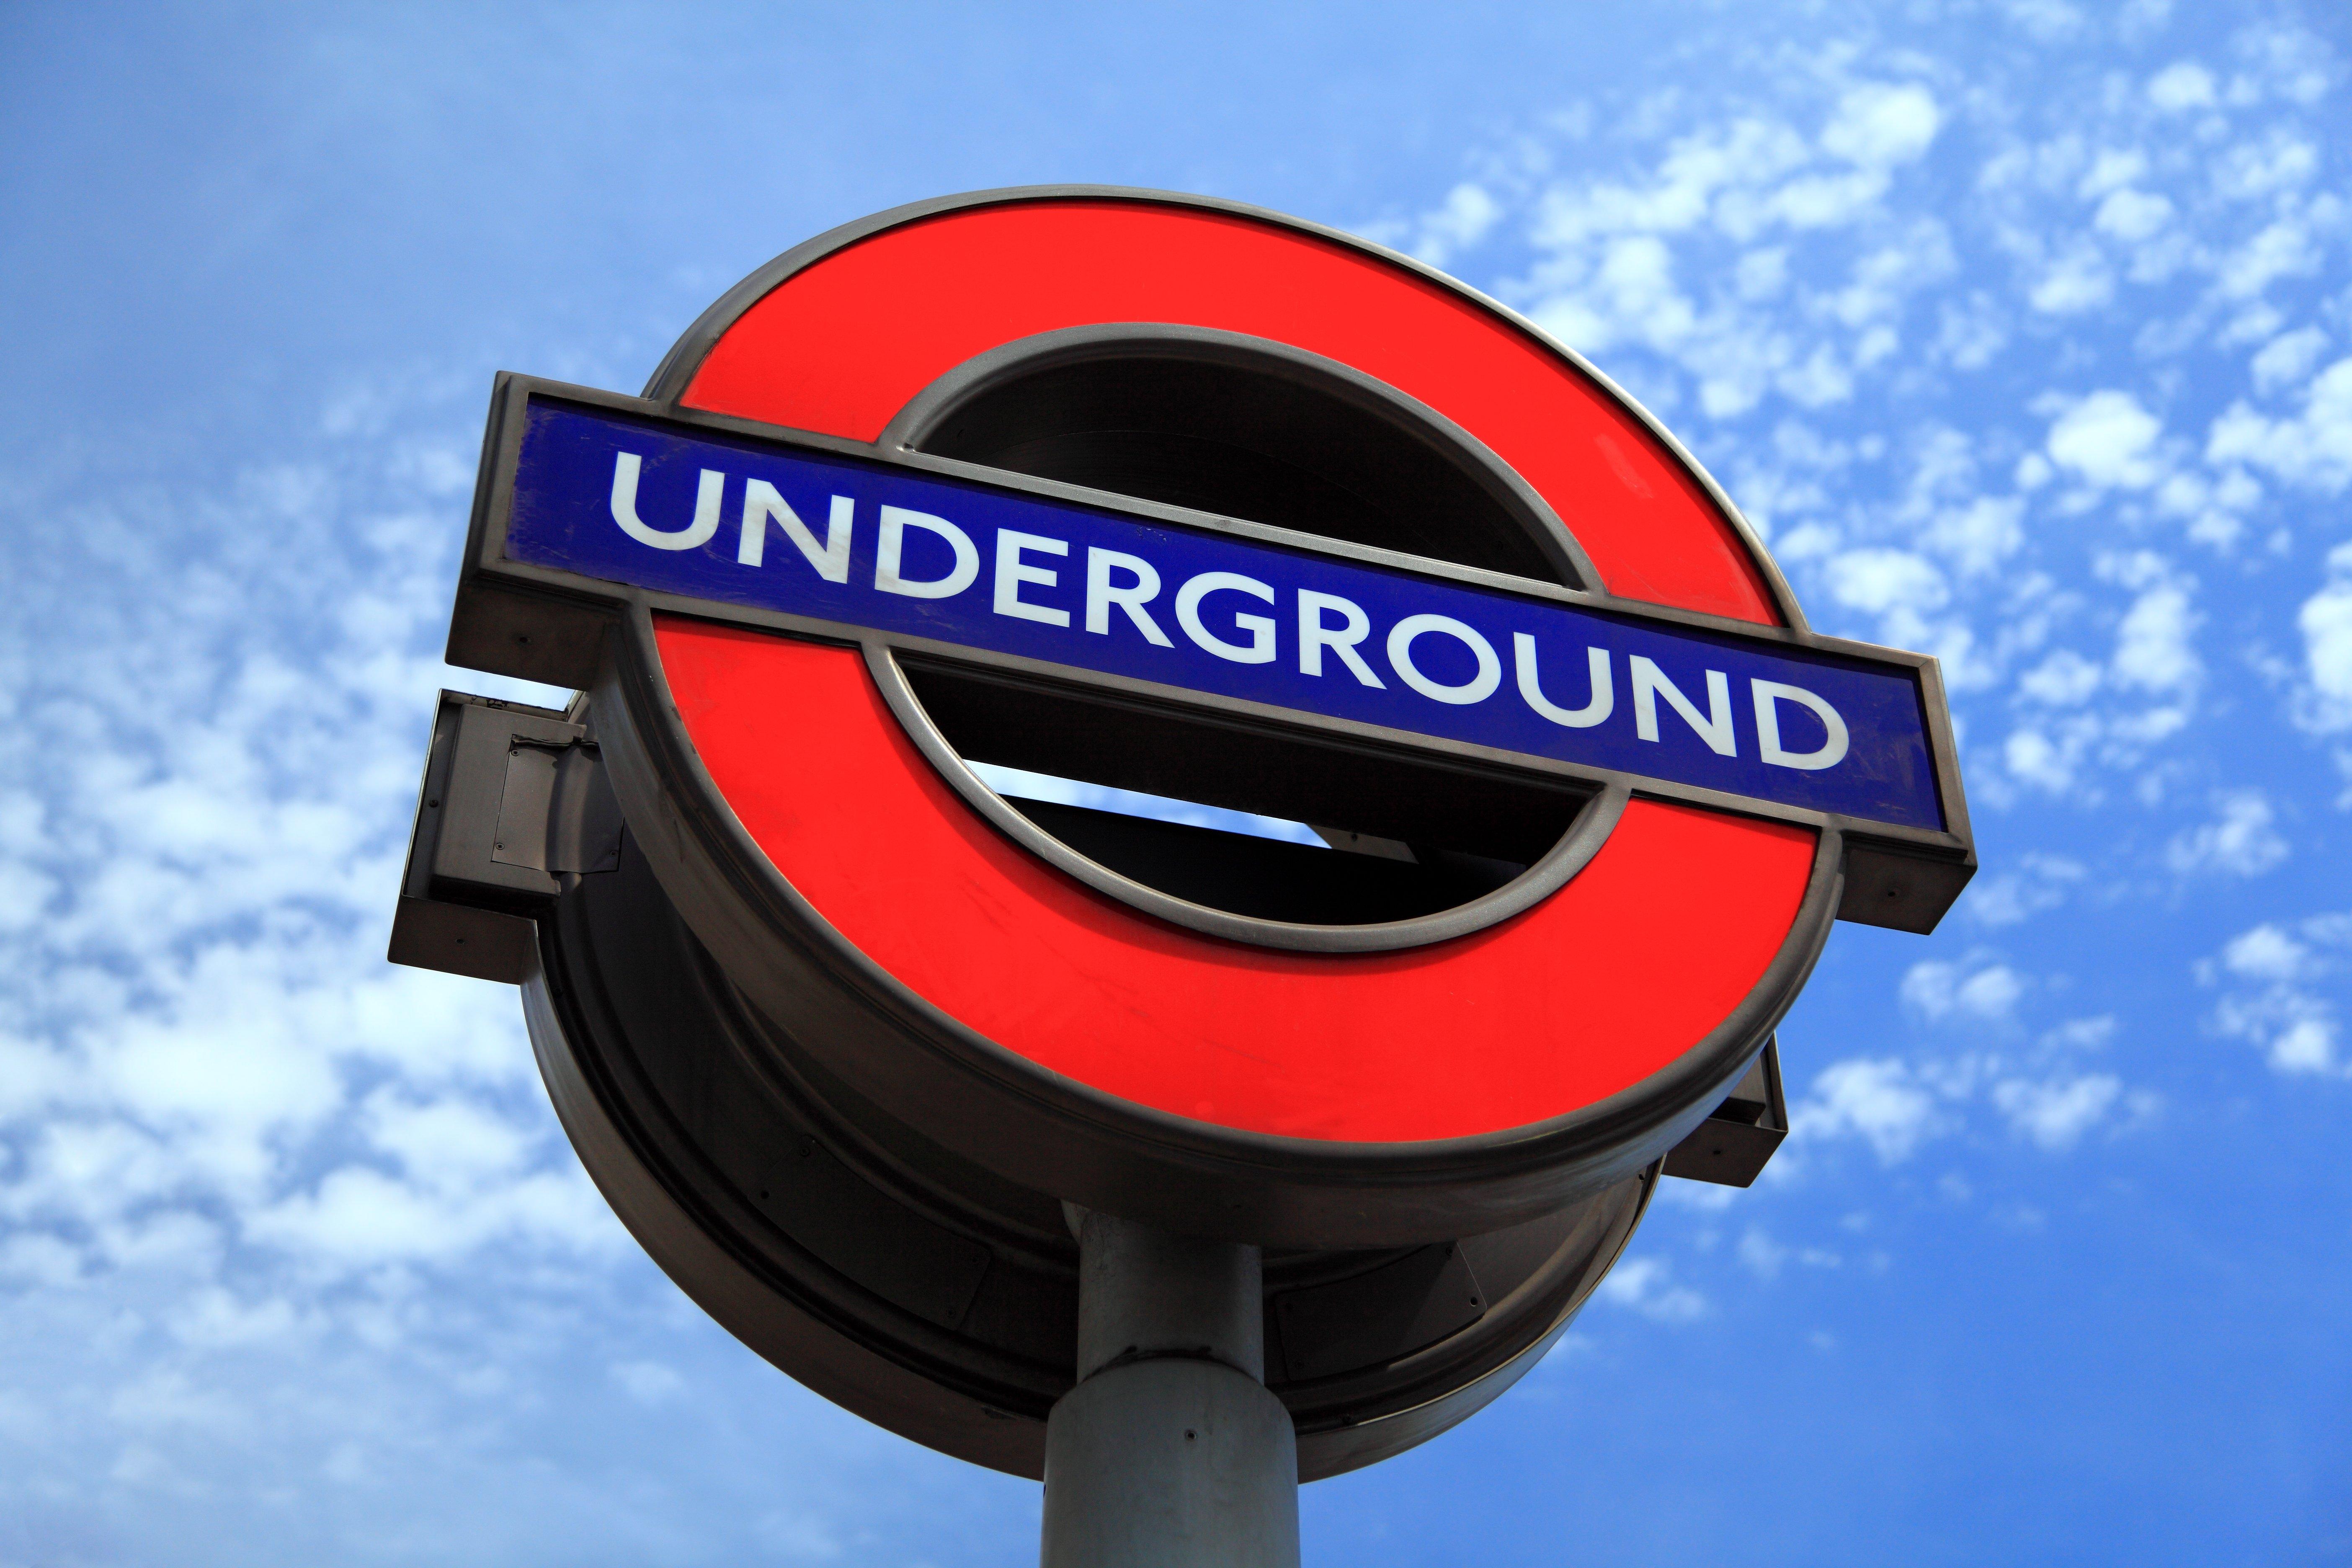 Free Images Sky Tube Urban Travel Subway Metro Underground